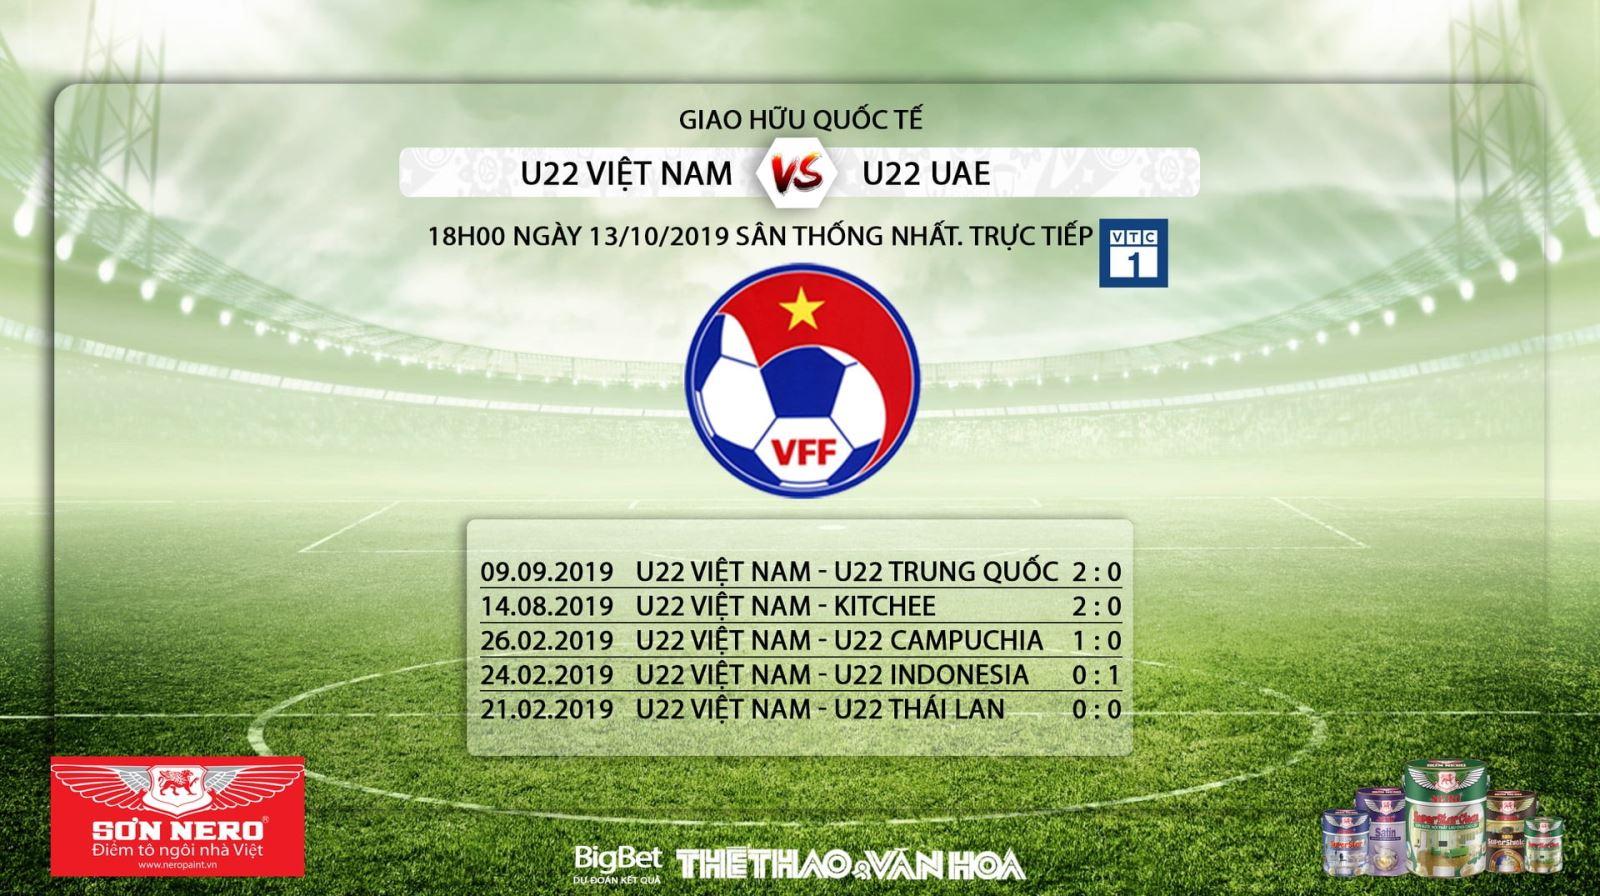 Ket qua bong da hôm nay, Kết quả bóng đá, U22 Việt Nam, U22 UAE, U22 Việt Nam vs U22 UAE, trực tiếp bóng đá, VTC1, VTC3, VTV5, VTV6